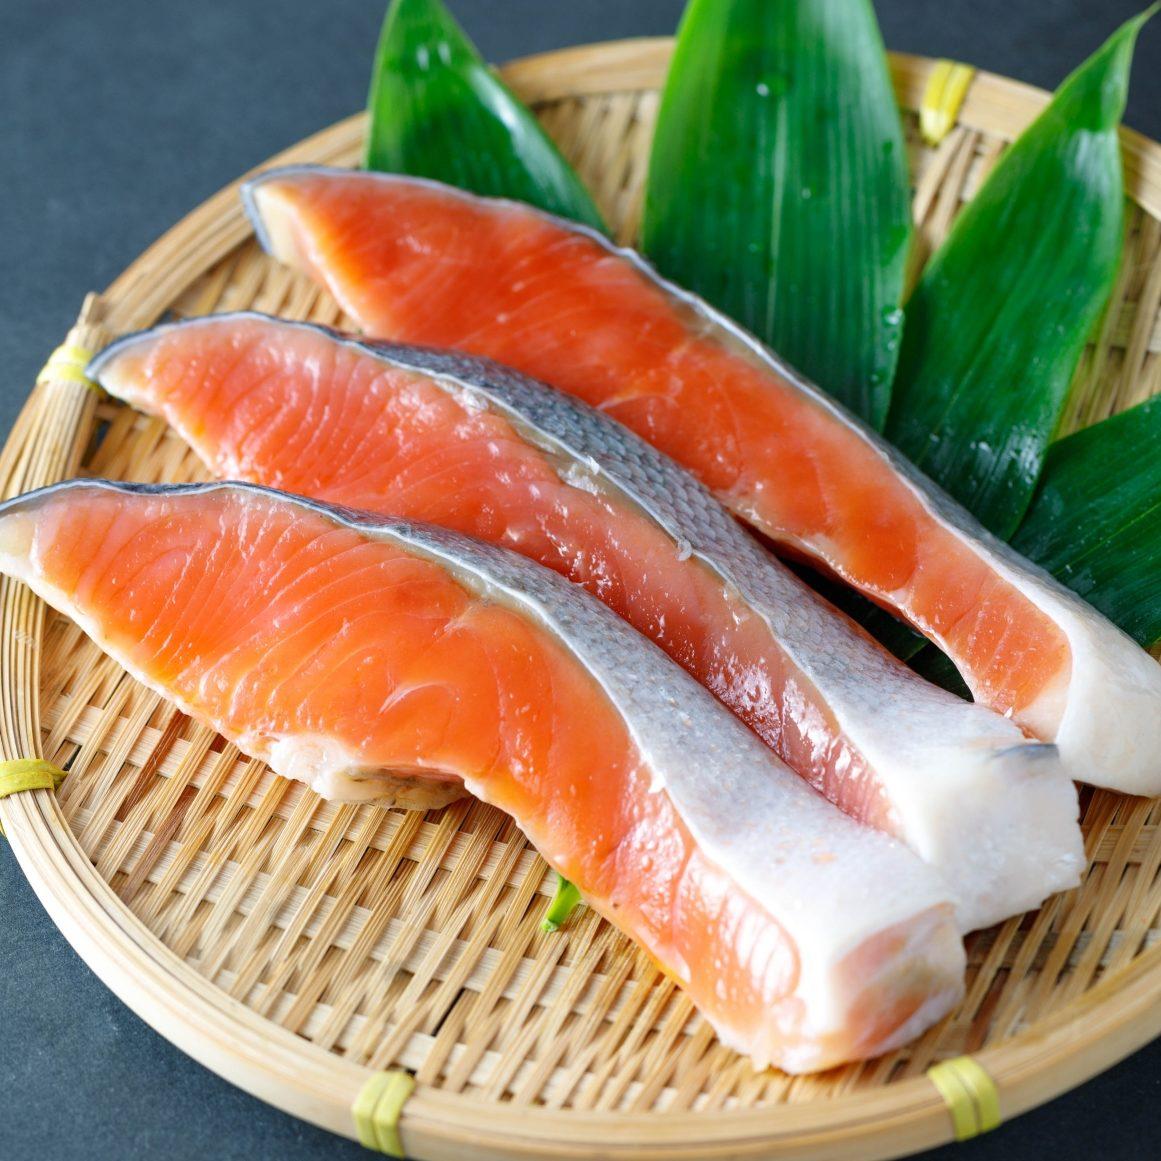 ビタミン 食材 e 活 妊 ビタミンEを効率的にとる食べ物とレシピのご紹介